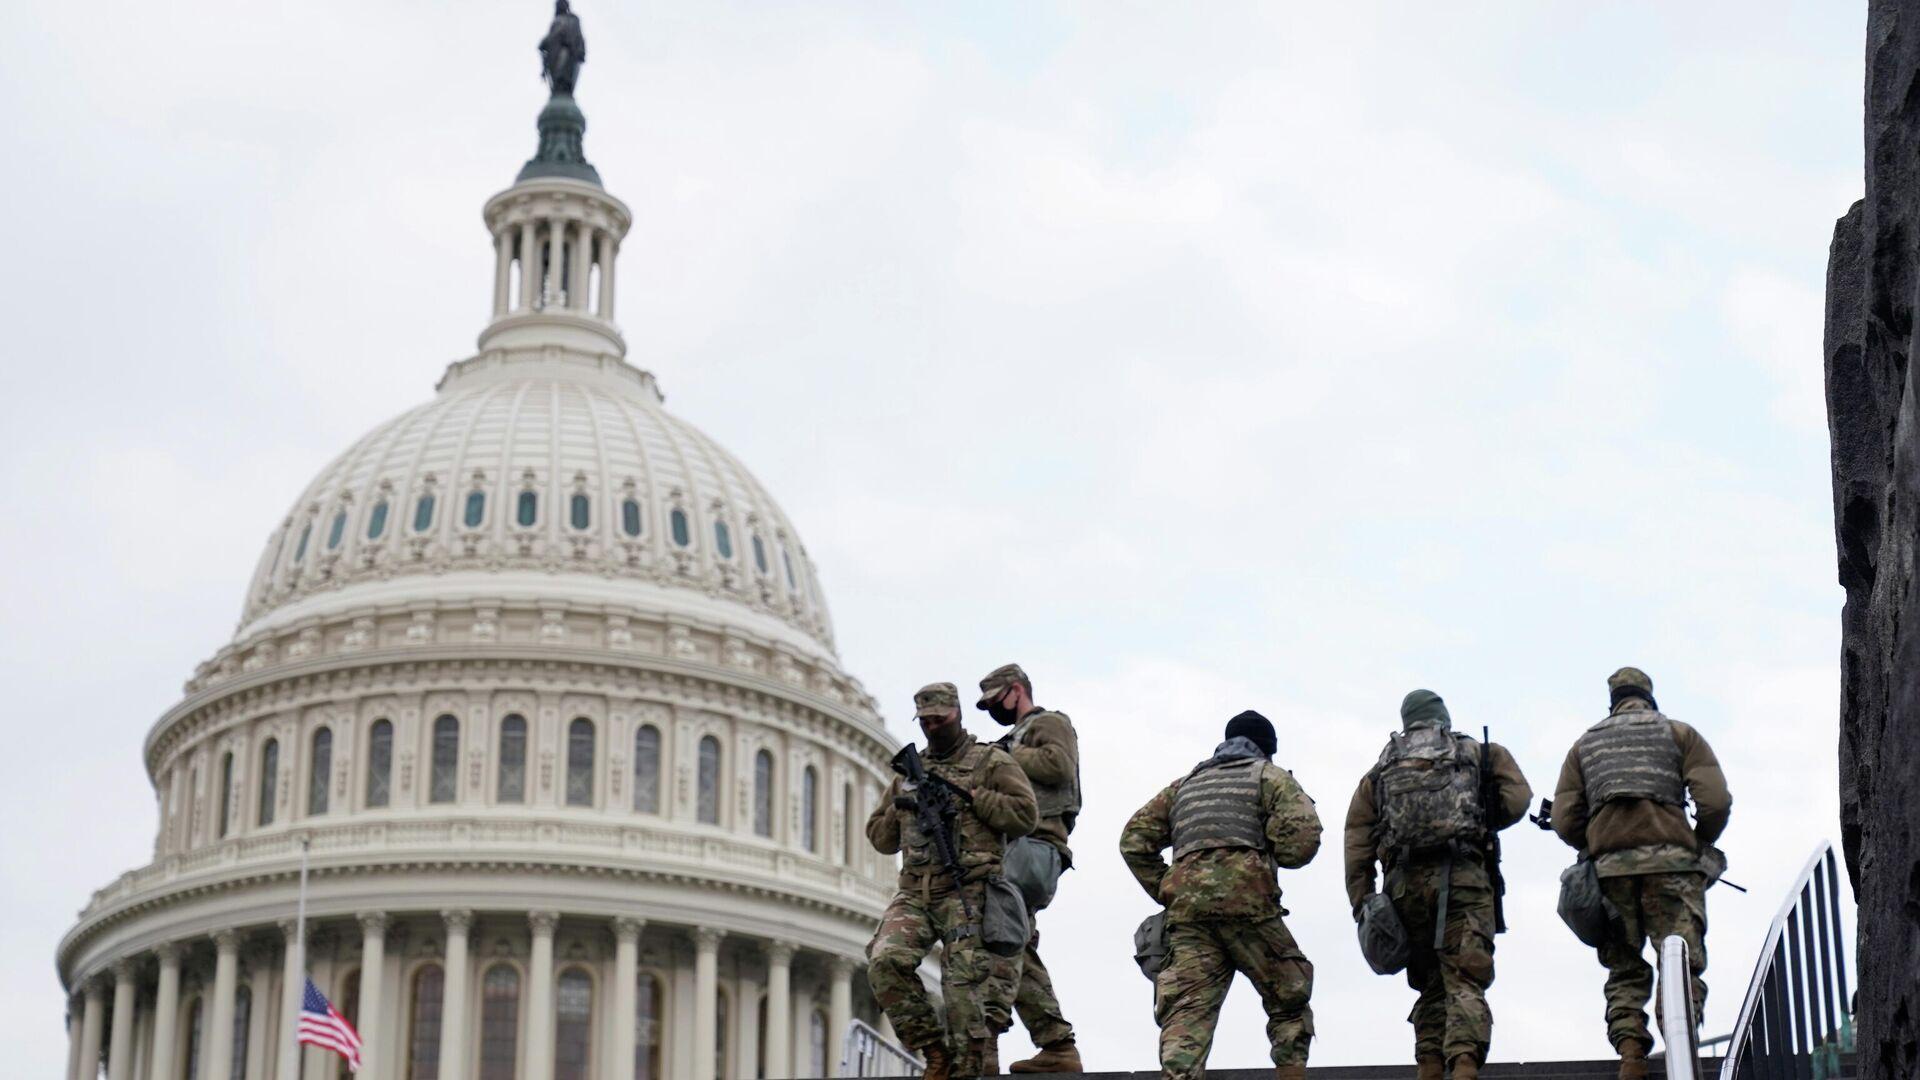 Сотрудники Национальной гвардии США у здания Капитолия в Вашингтоне - РИА Новости, 1920, 19.01.2021